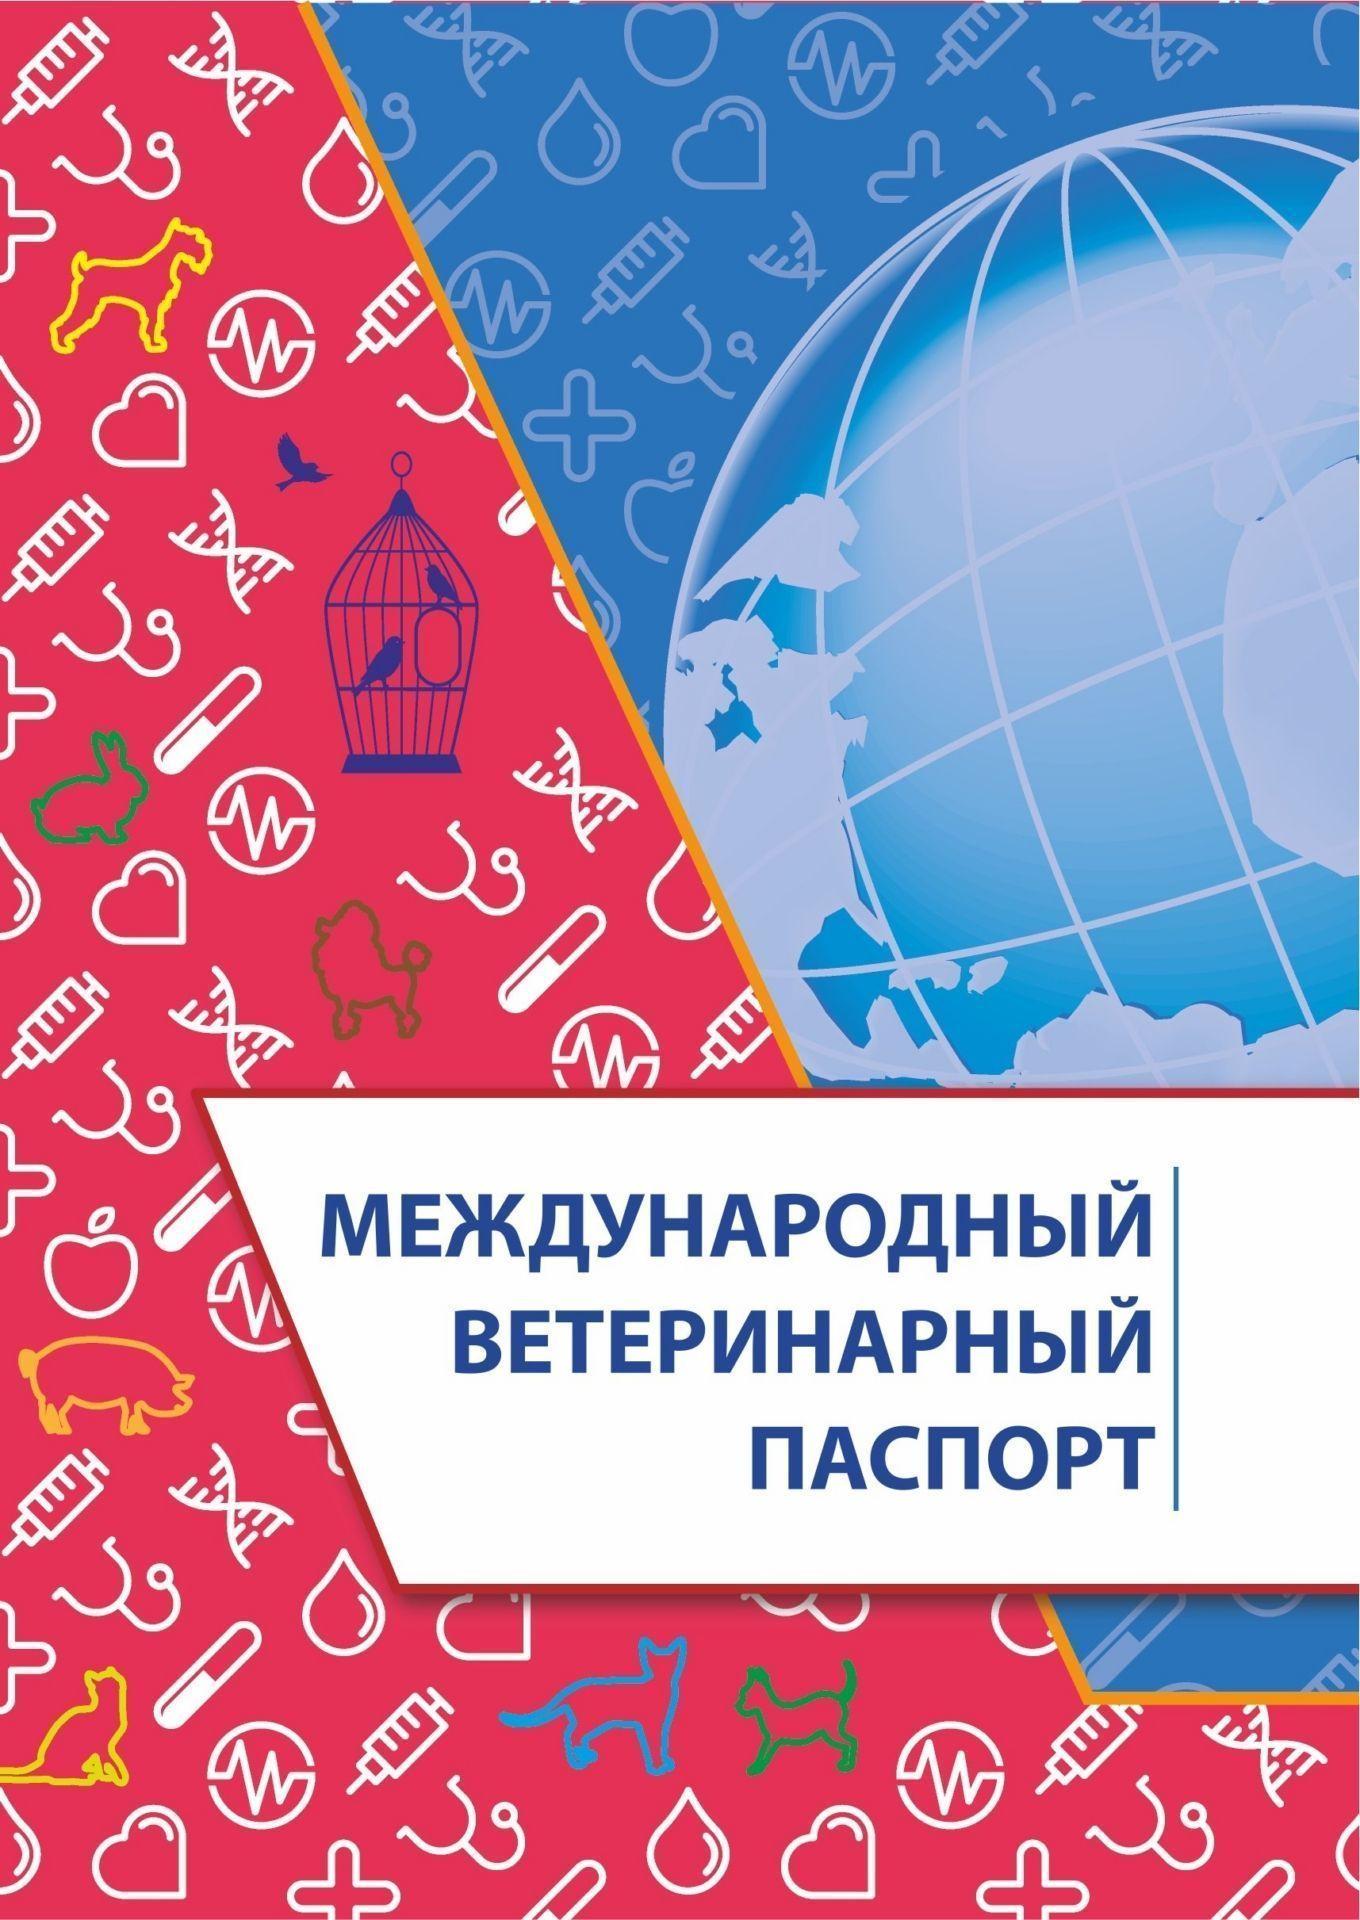 Международный ветеринарный паспортМедицинские карты и журналы здоровья<br>Материалы:на блок - бумага офсетная, пл. 65.00;на обложку - бумага мелованная, пл. 200.00.<br><br>Год: 2018<br>Высота: 195<br>Ширина: 140<br>Толщина: 1<br>Переплёт: мягкая, скрепка